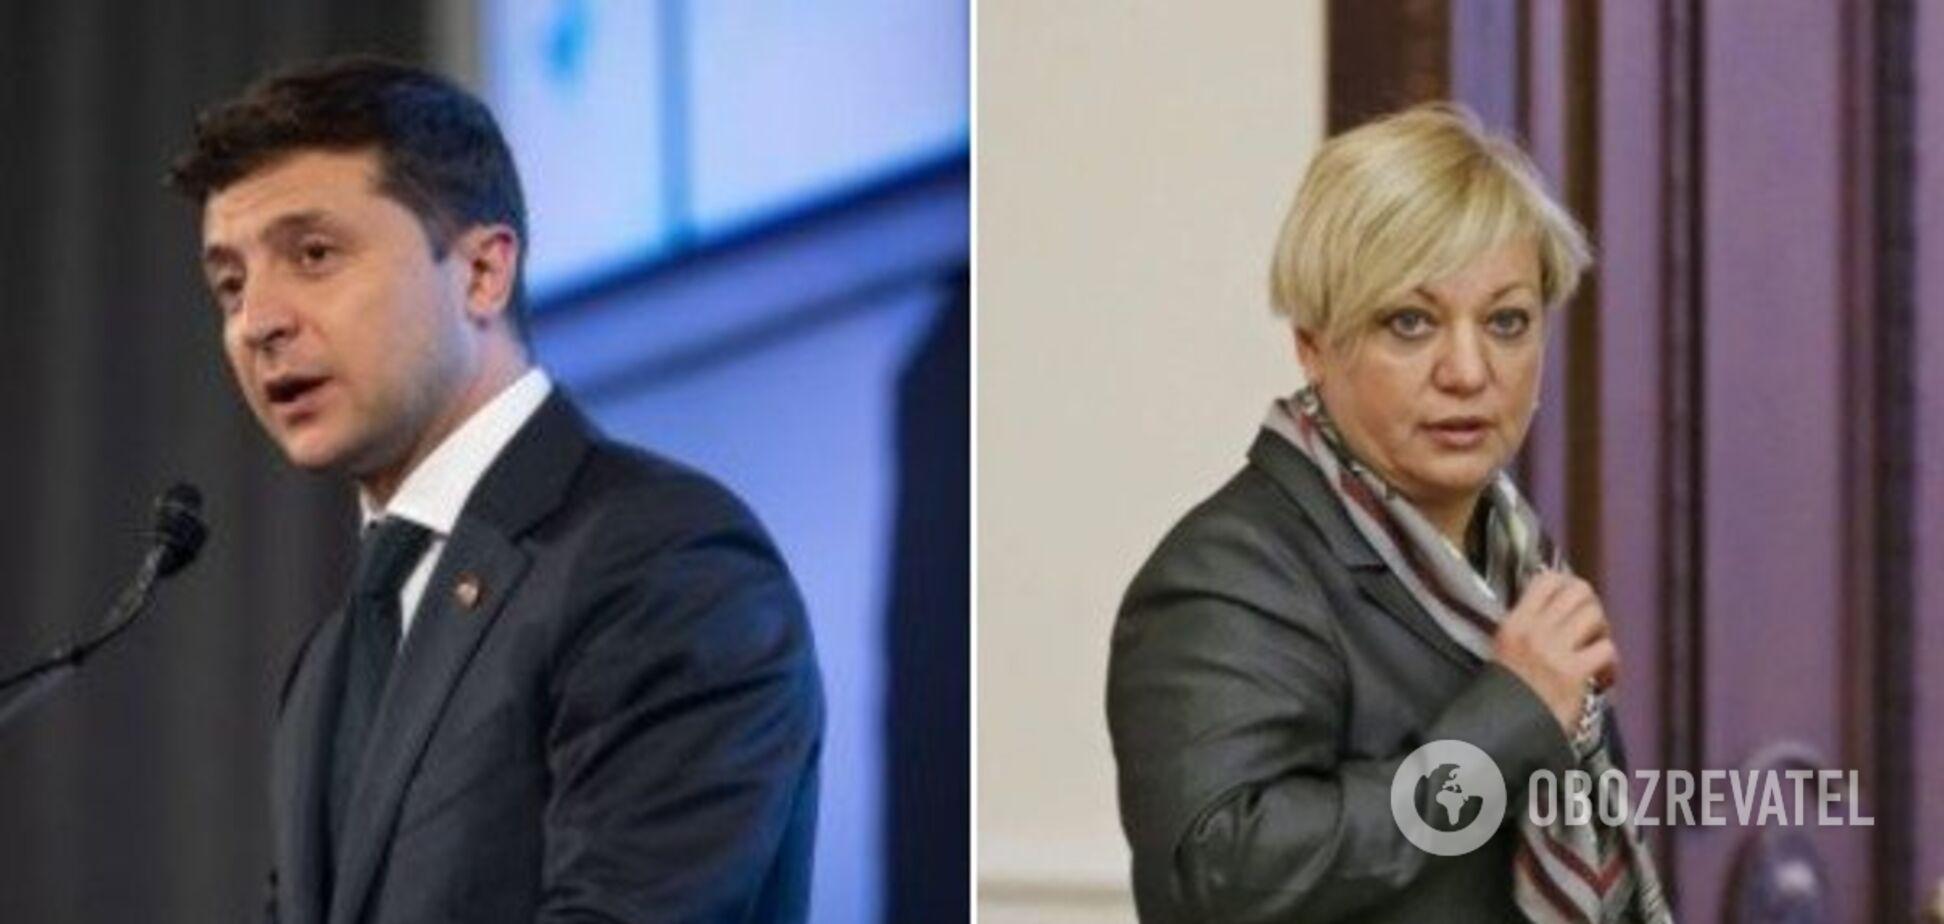 'Зонтик в $40 миллиардов': Гонтарева рассказала о причинах успеха команды Зеленского